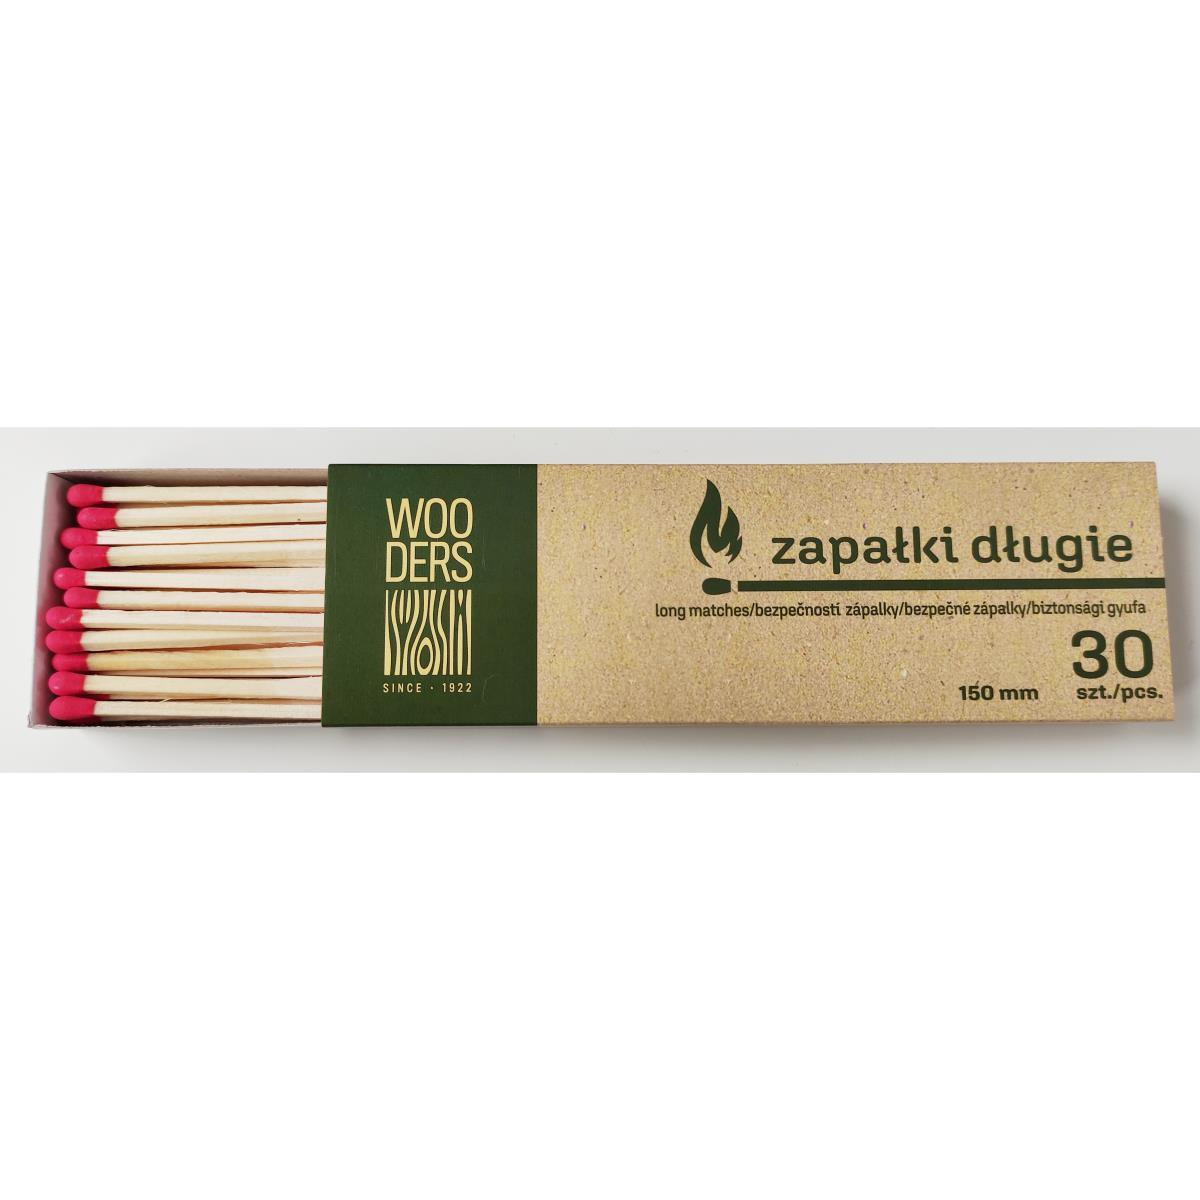 Streichhölzer KaminhölzerZündhölzer 300 Stück Hölzer 15 cm lang ,Zapatki,ZD30, 0685293813096